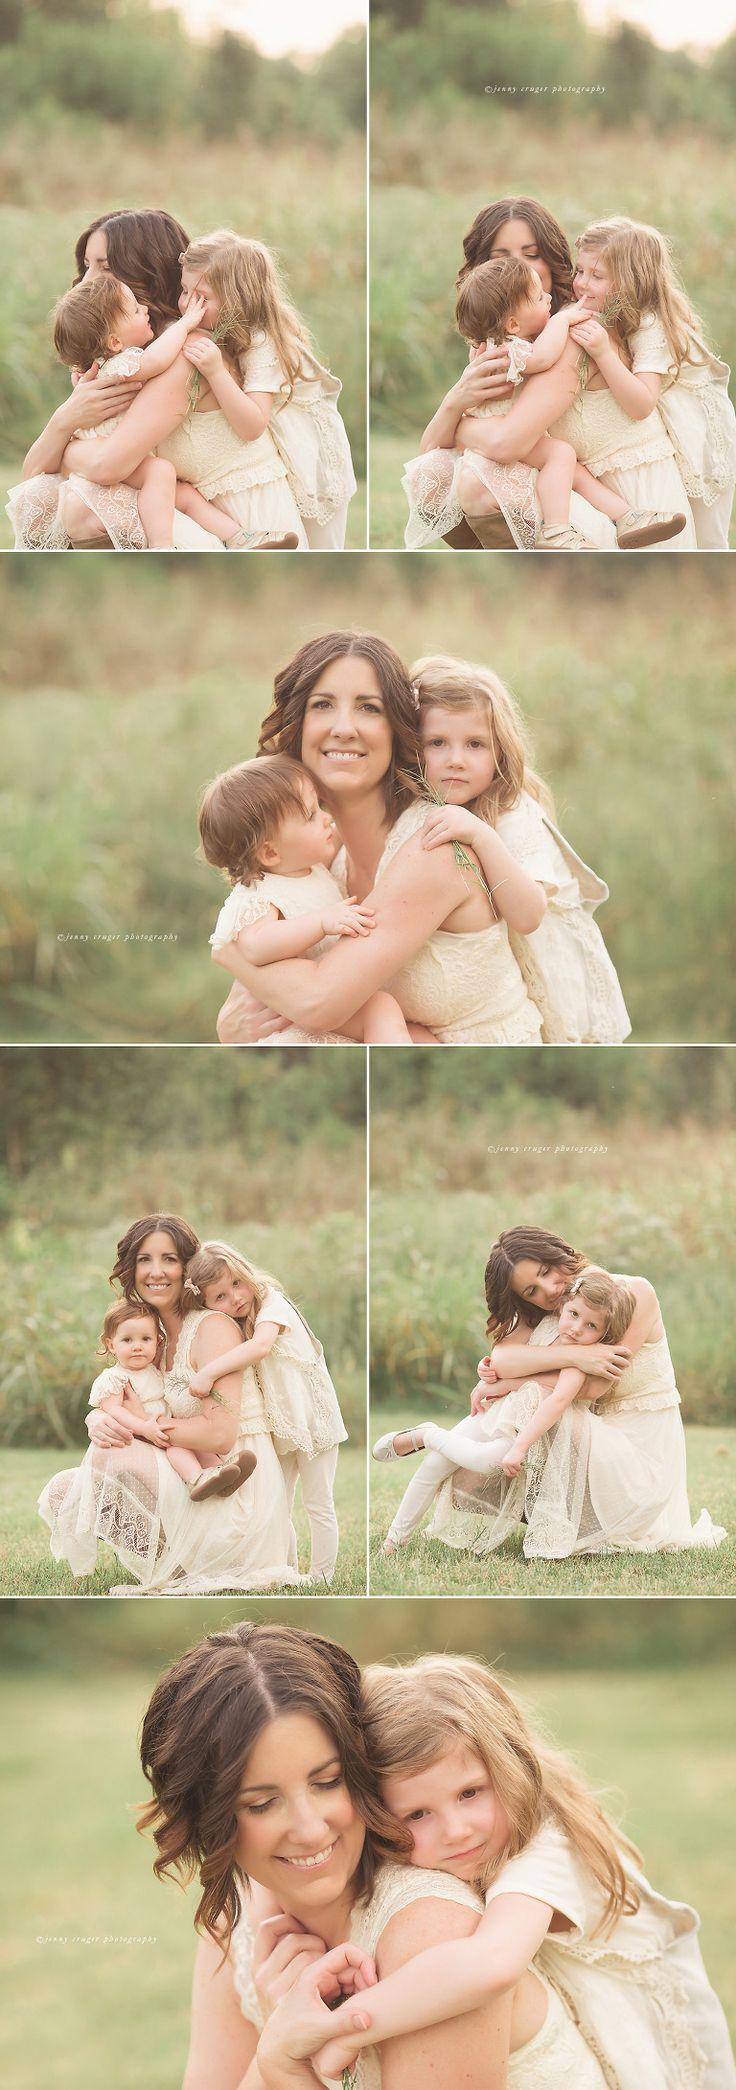 The Rinderer Family | Nashville Family Photographer